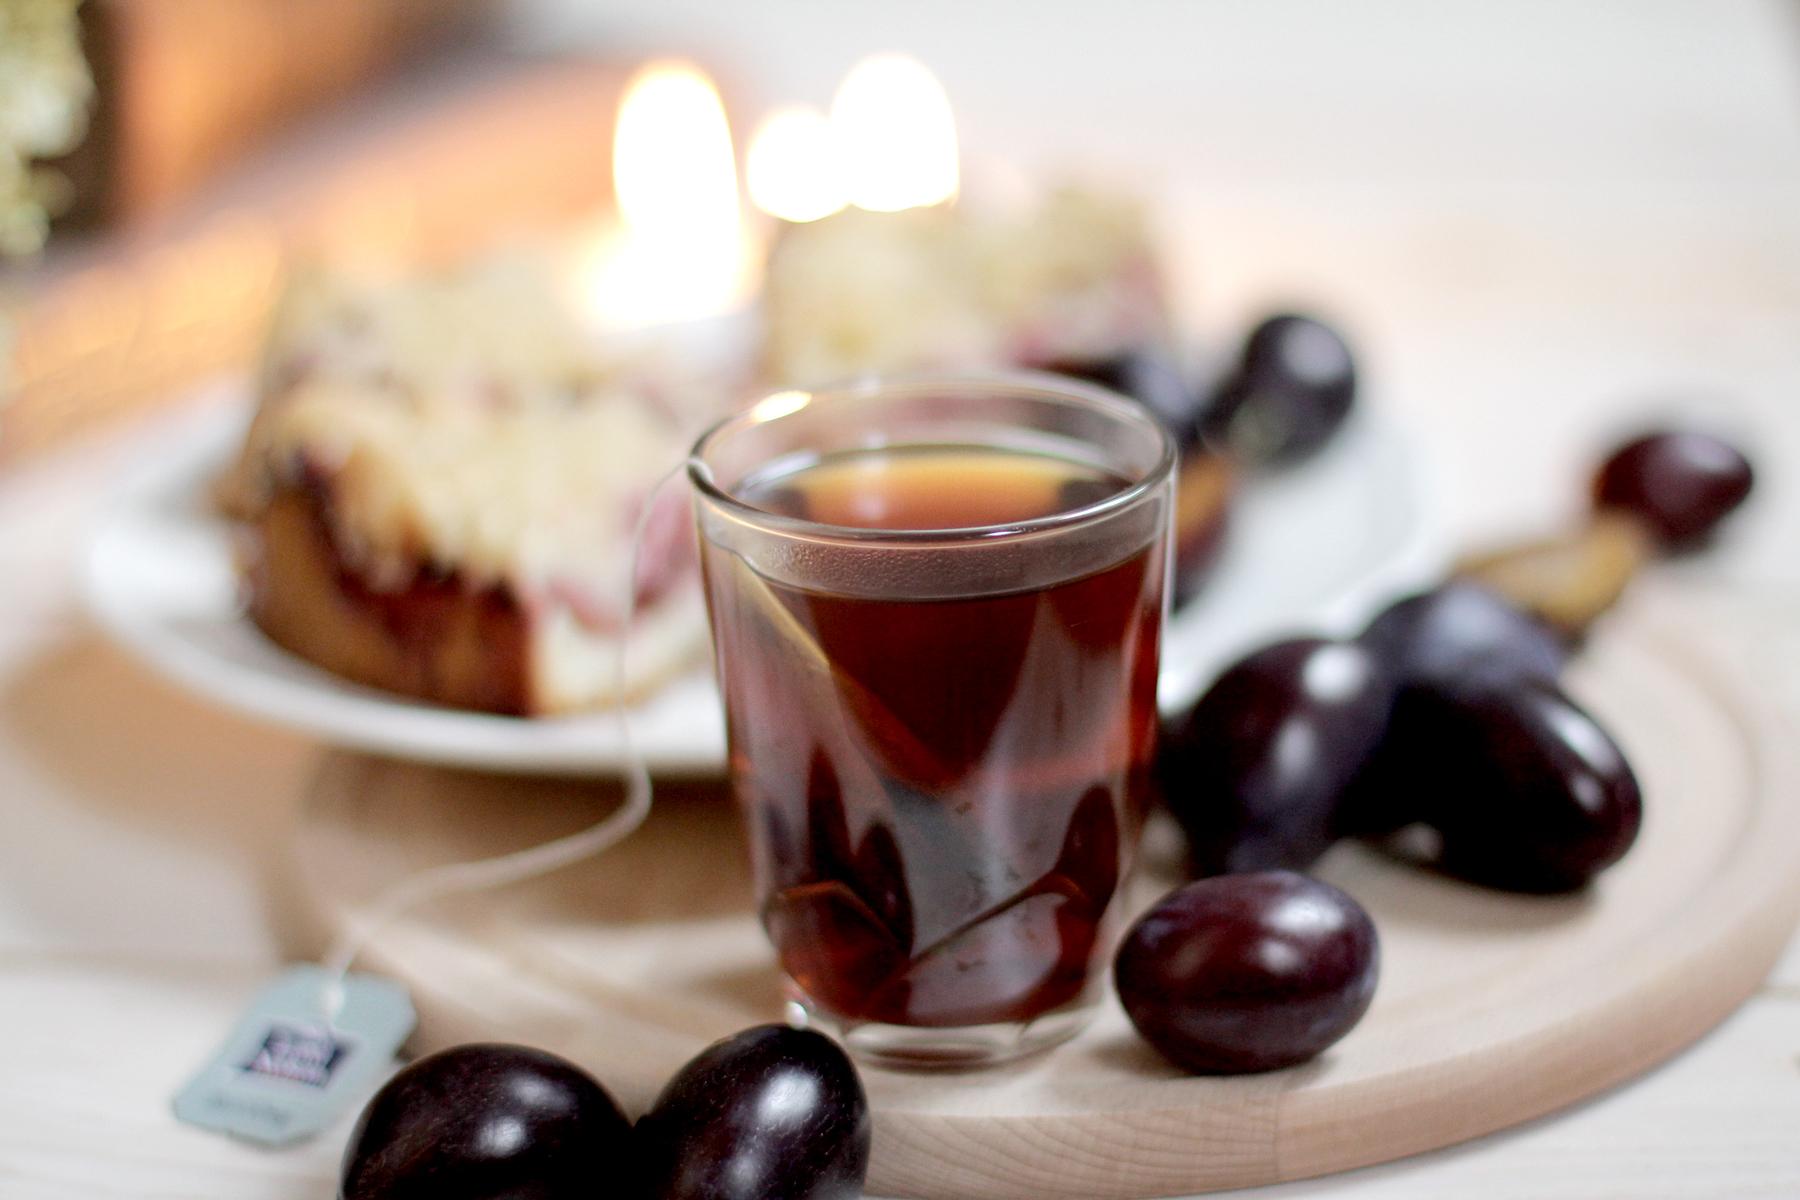 plum cake recipe vegan zwetschgen rezept herbst obst essen kochen selbstgemacht gesund cats & dogs wie hund und katze ricarda schernus 2